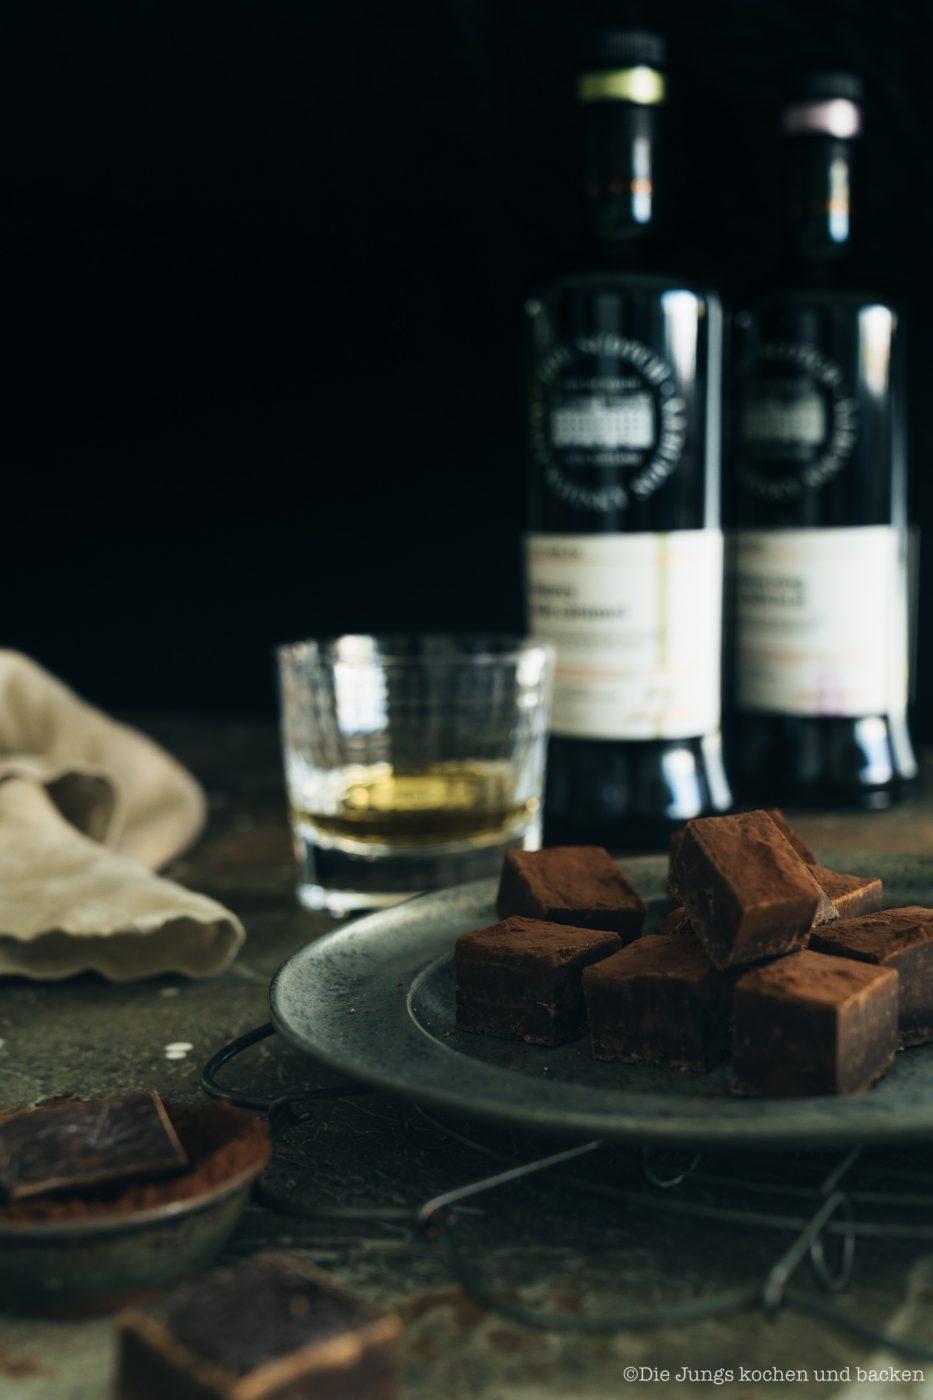 SMWS Bl%C3%A4tterteig happen 7 | Heute haben wir quasi gleich zwei Rezepte für euch im Gepäck, denn wir sind echte Fans von diesen leckeren Kleinigkeiten - Snacks mit wenigen Zutaten, die super flott gemacht sind . Und obendrein haben wir noch ein paar wirklich schöne Informationen für alle Whisky Liebhaber. Und natürlich auch für die, die es noch werden wollen. Außerdem geht es um Foodpairing mit Whisky. Und genau dafür haben wir die beiden Rezepte umgesetzt. Als erstes fangen wir hier mit unseren Blätterteig-Happen mit Knoblauch und Tomate an. Ich finde, das klingt schon mal nach einer perfekten Grundlage, um ein Whisky Tasting zu starten.